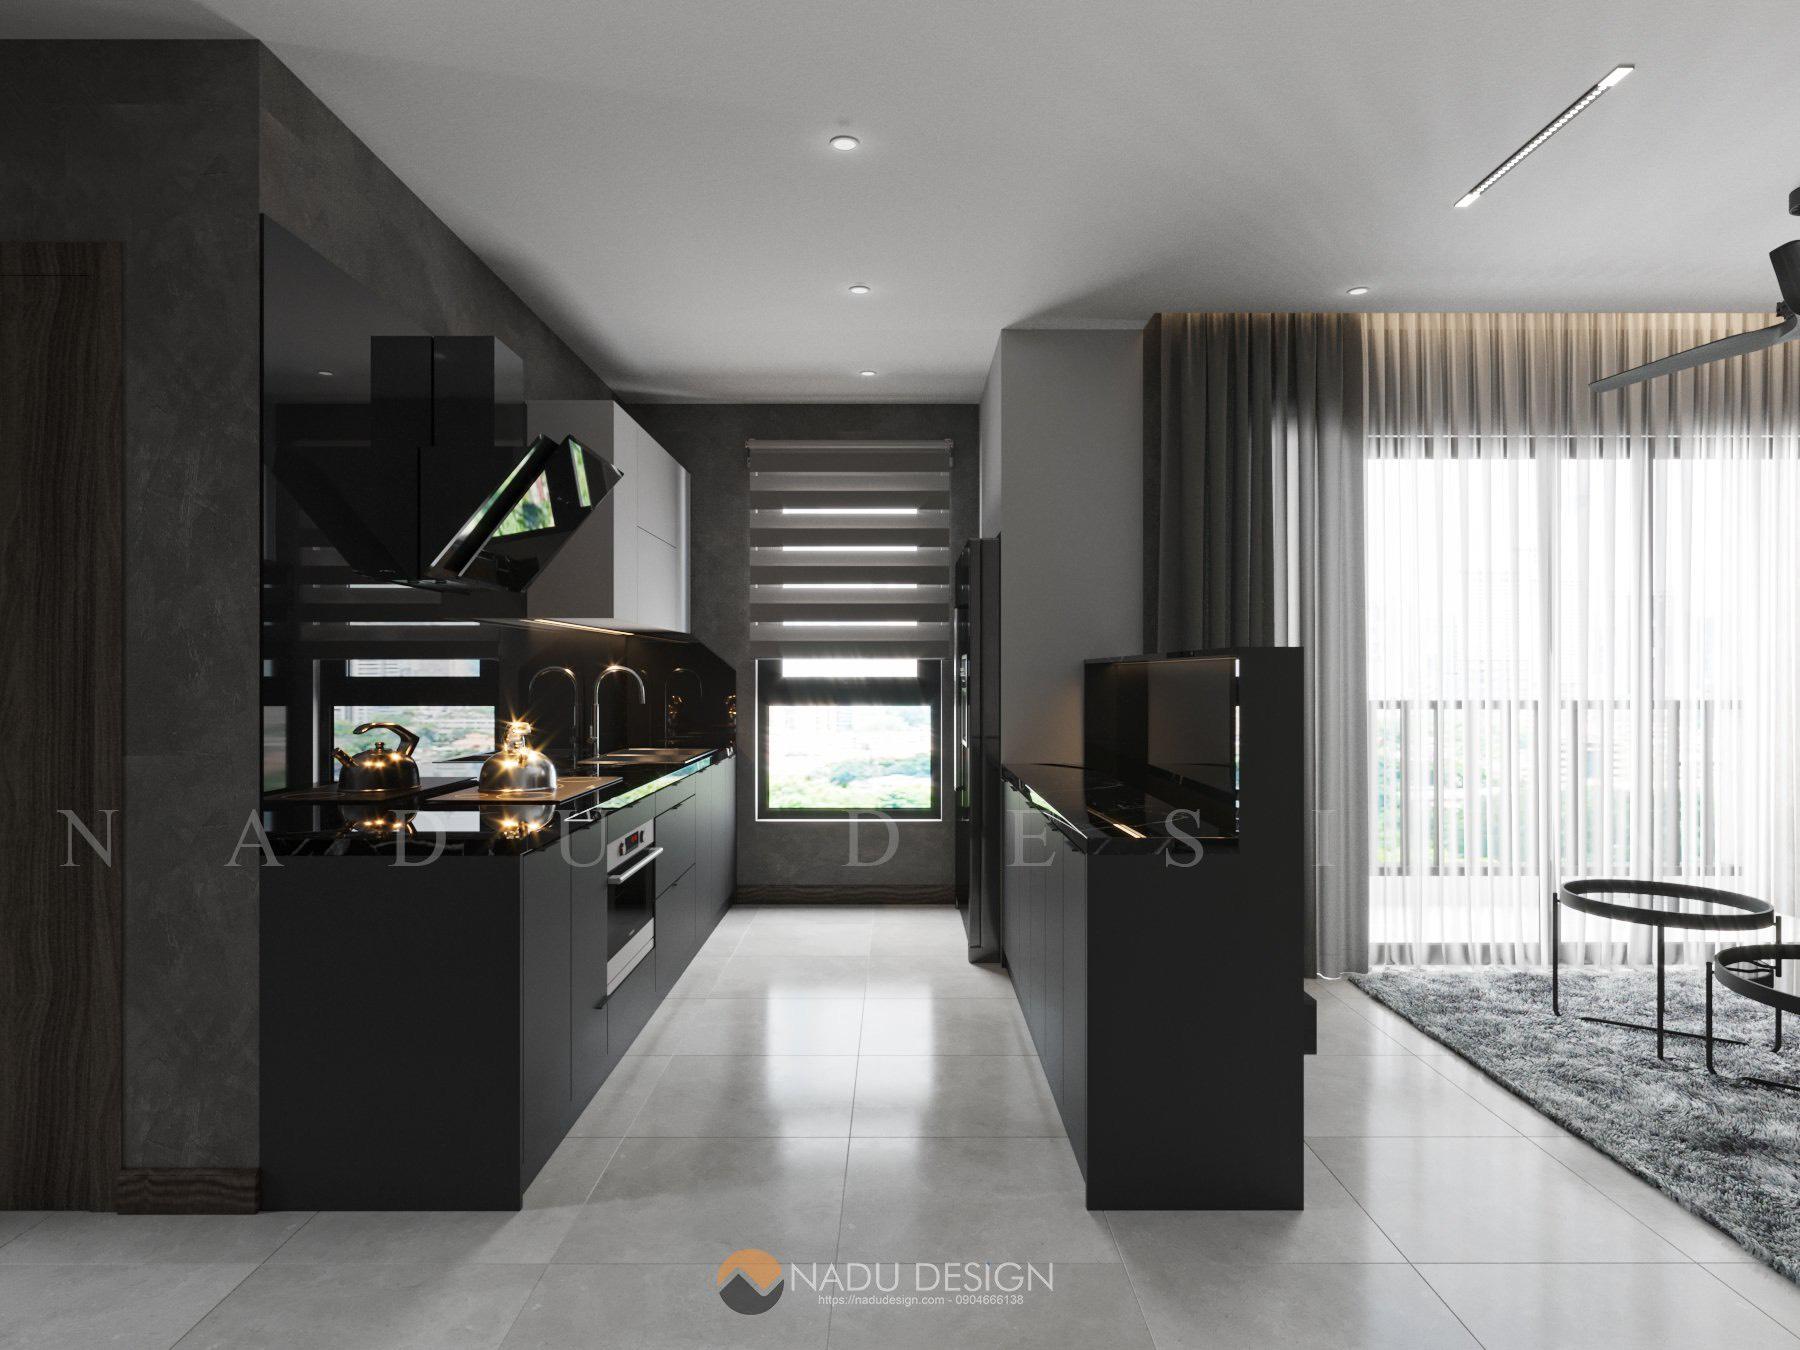 thiết kế bếp chugn cư